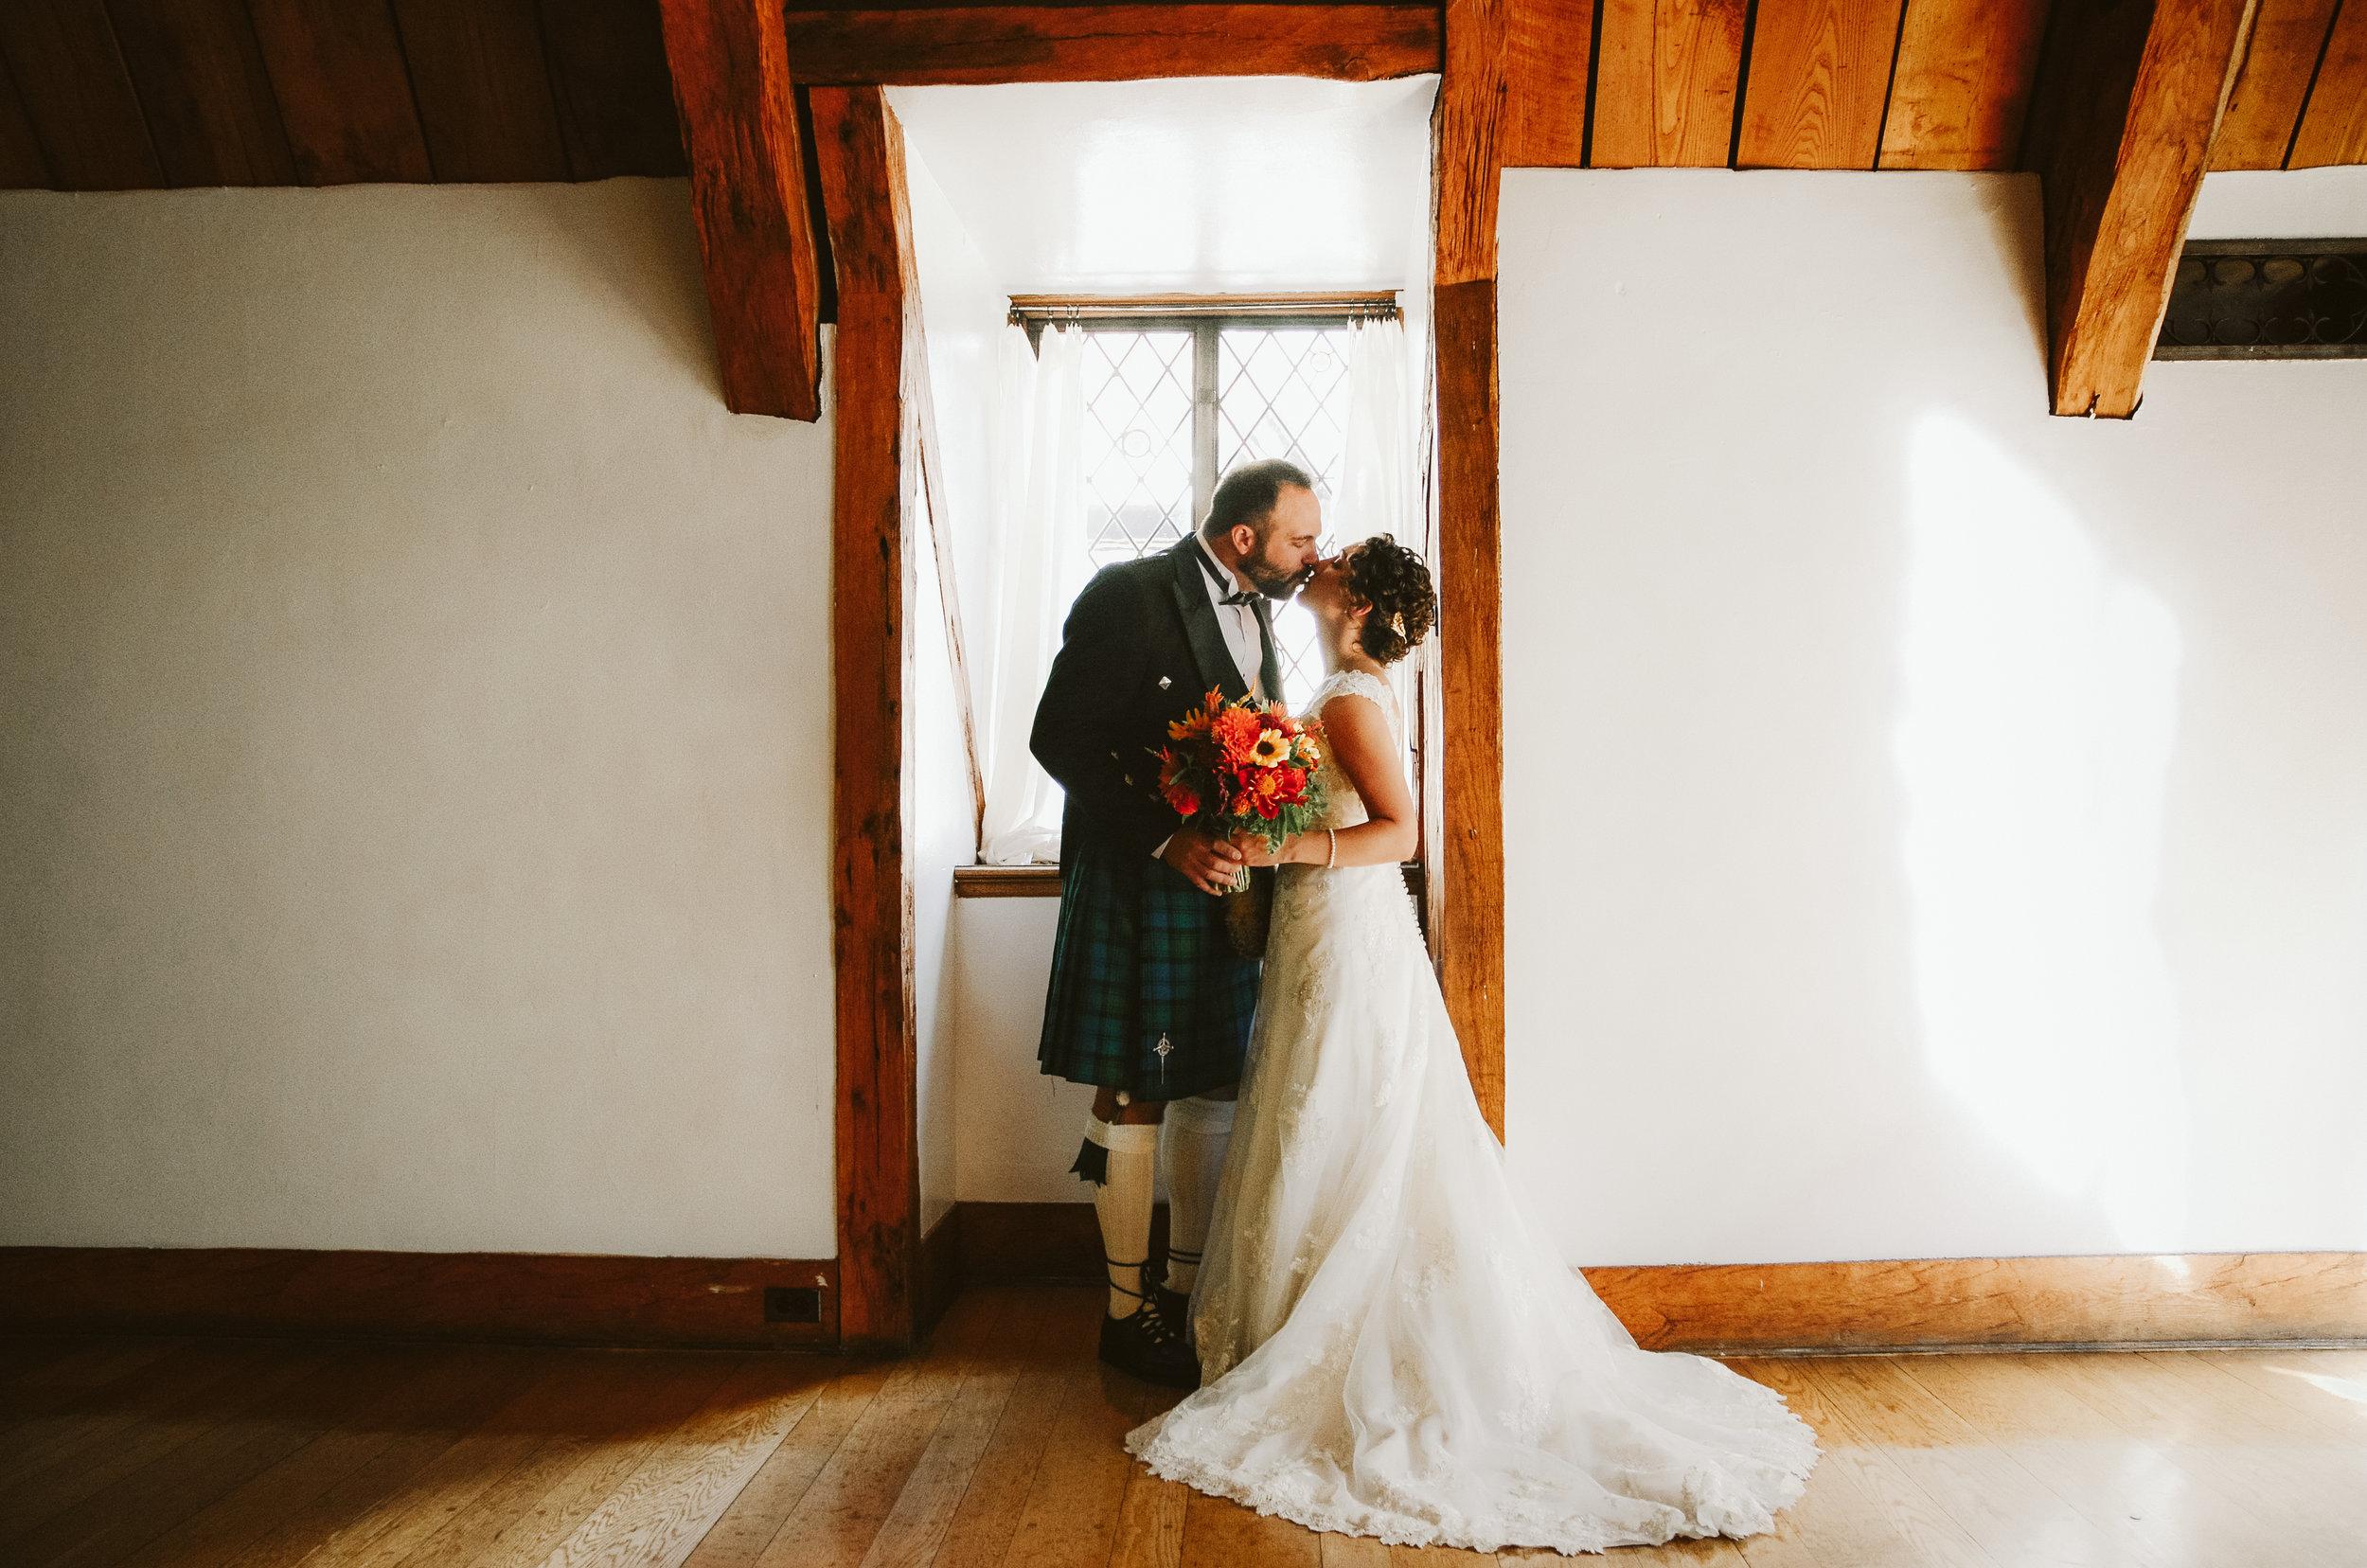 adrienne and greg's wedding 2018 edits-14.jpg